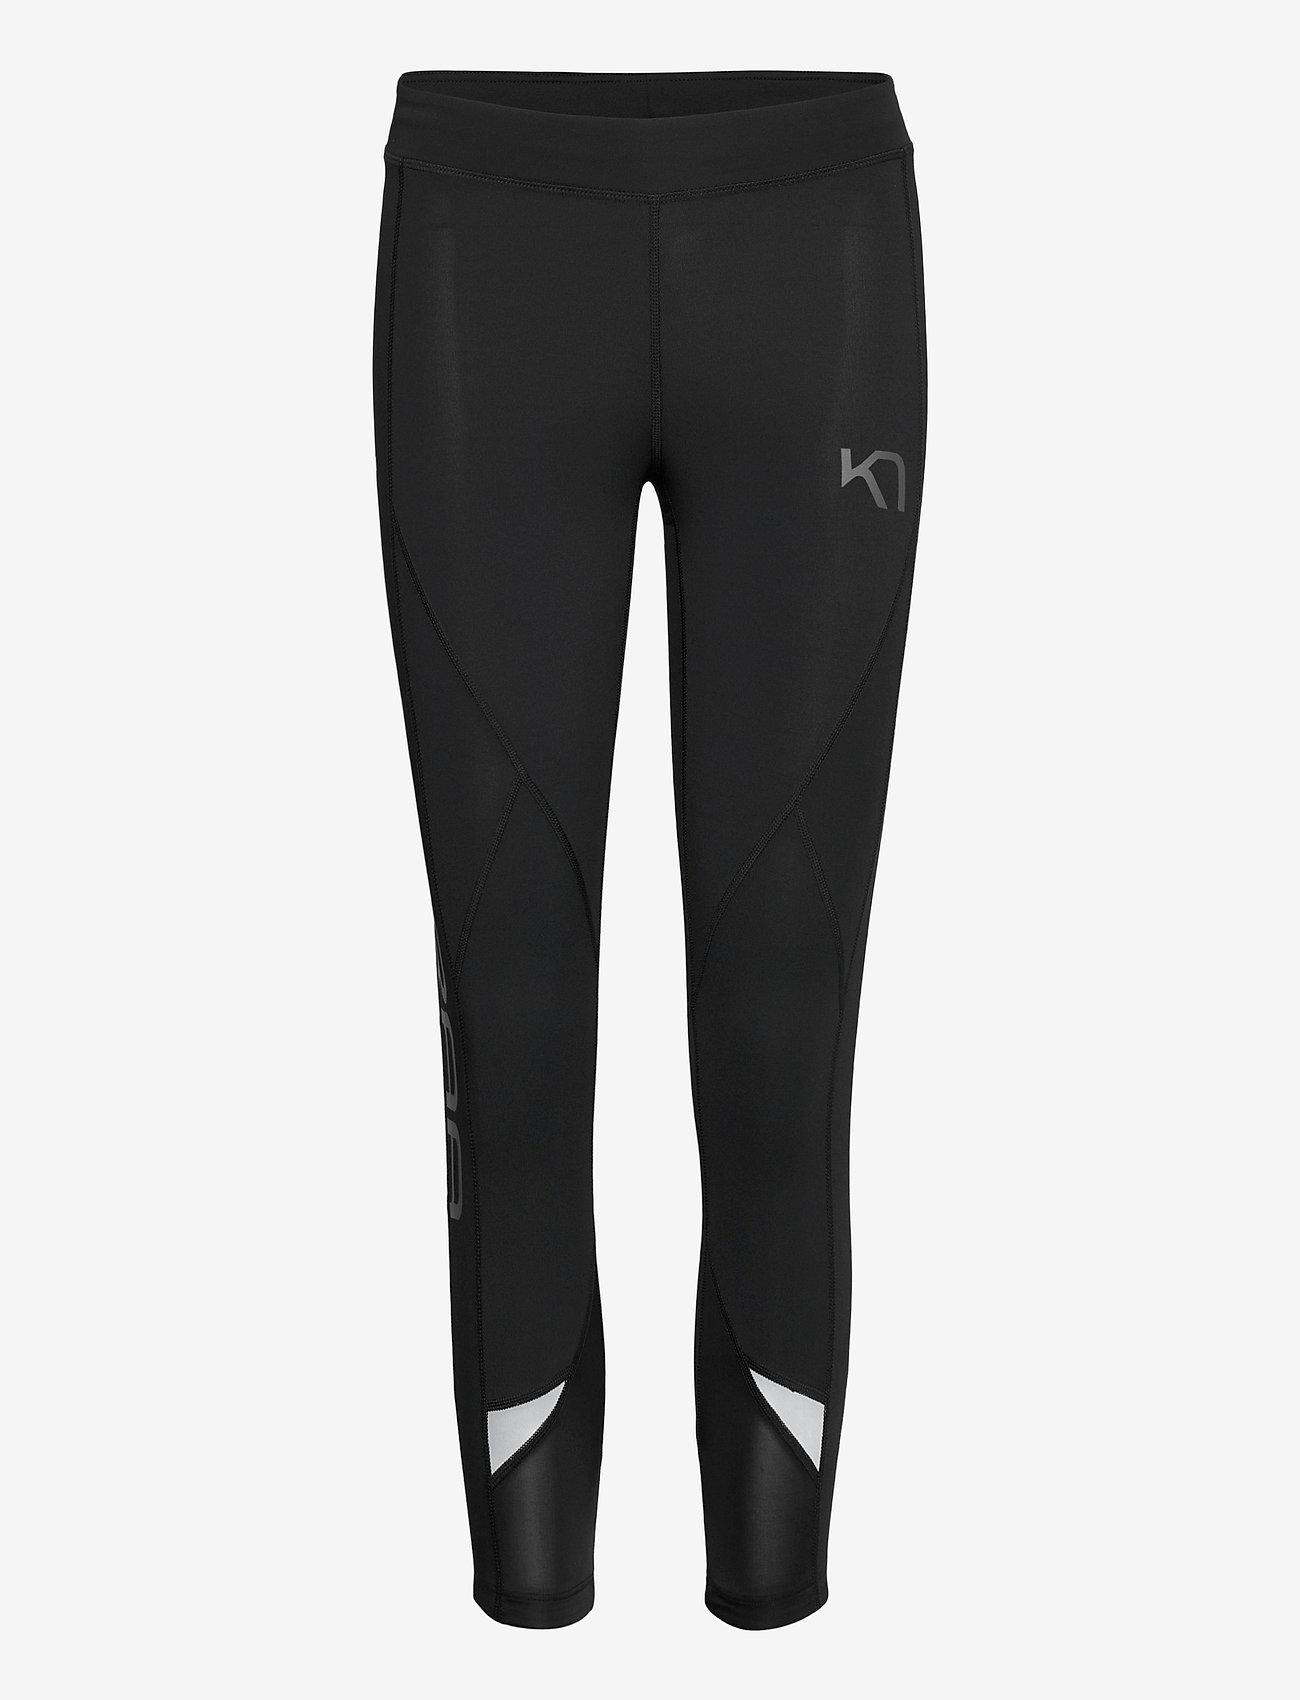 Kari Traa - LOUISE 3/4 TIGHTS - löpnings- och träningstights - black - 1